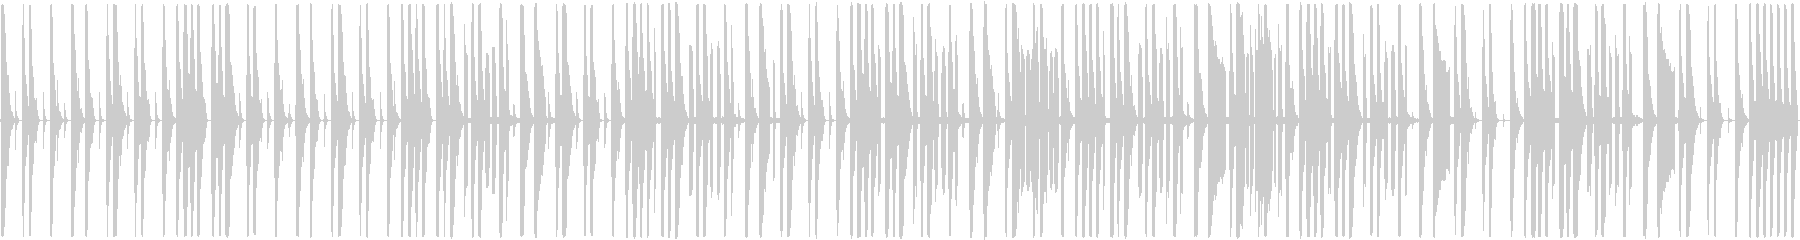 リズムとスクラッチのみのBGMの未再生の波形